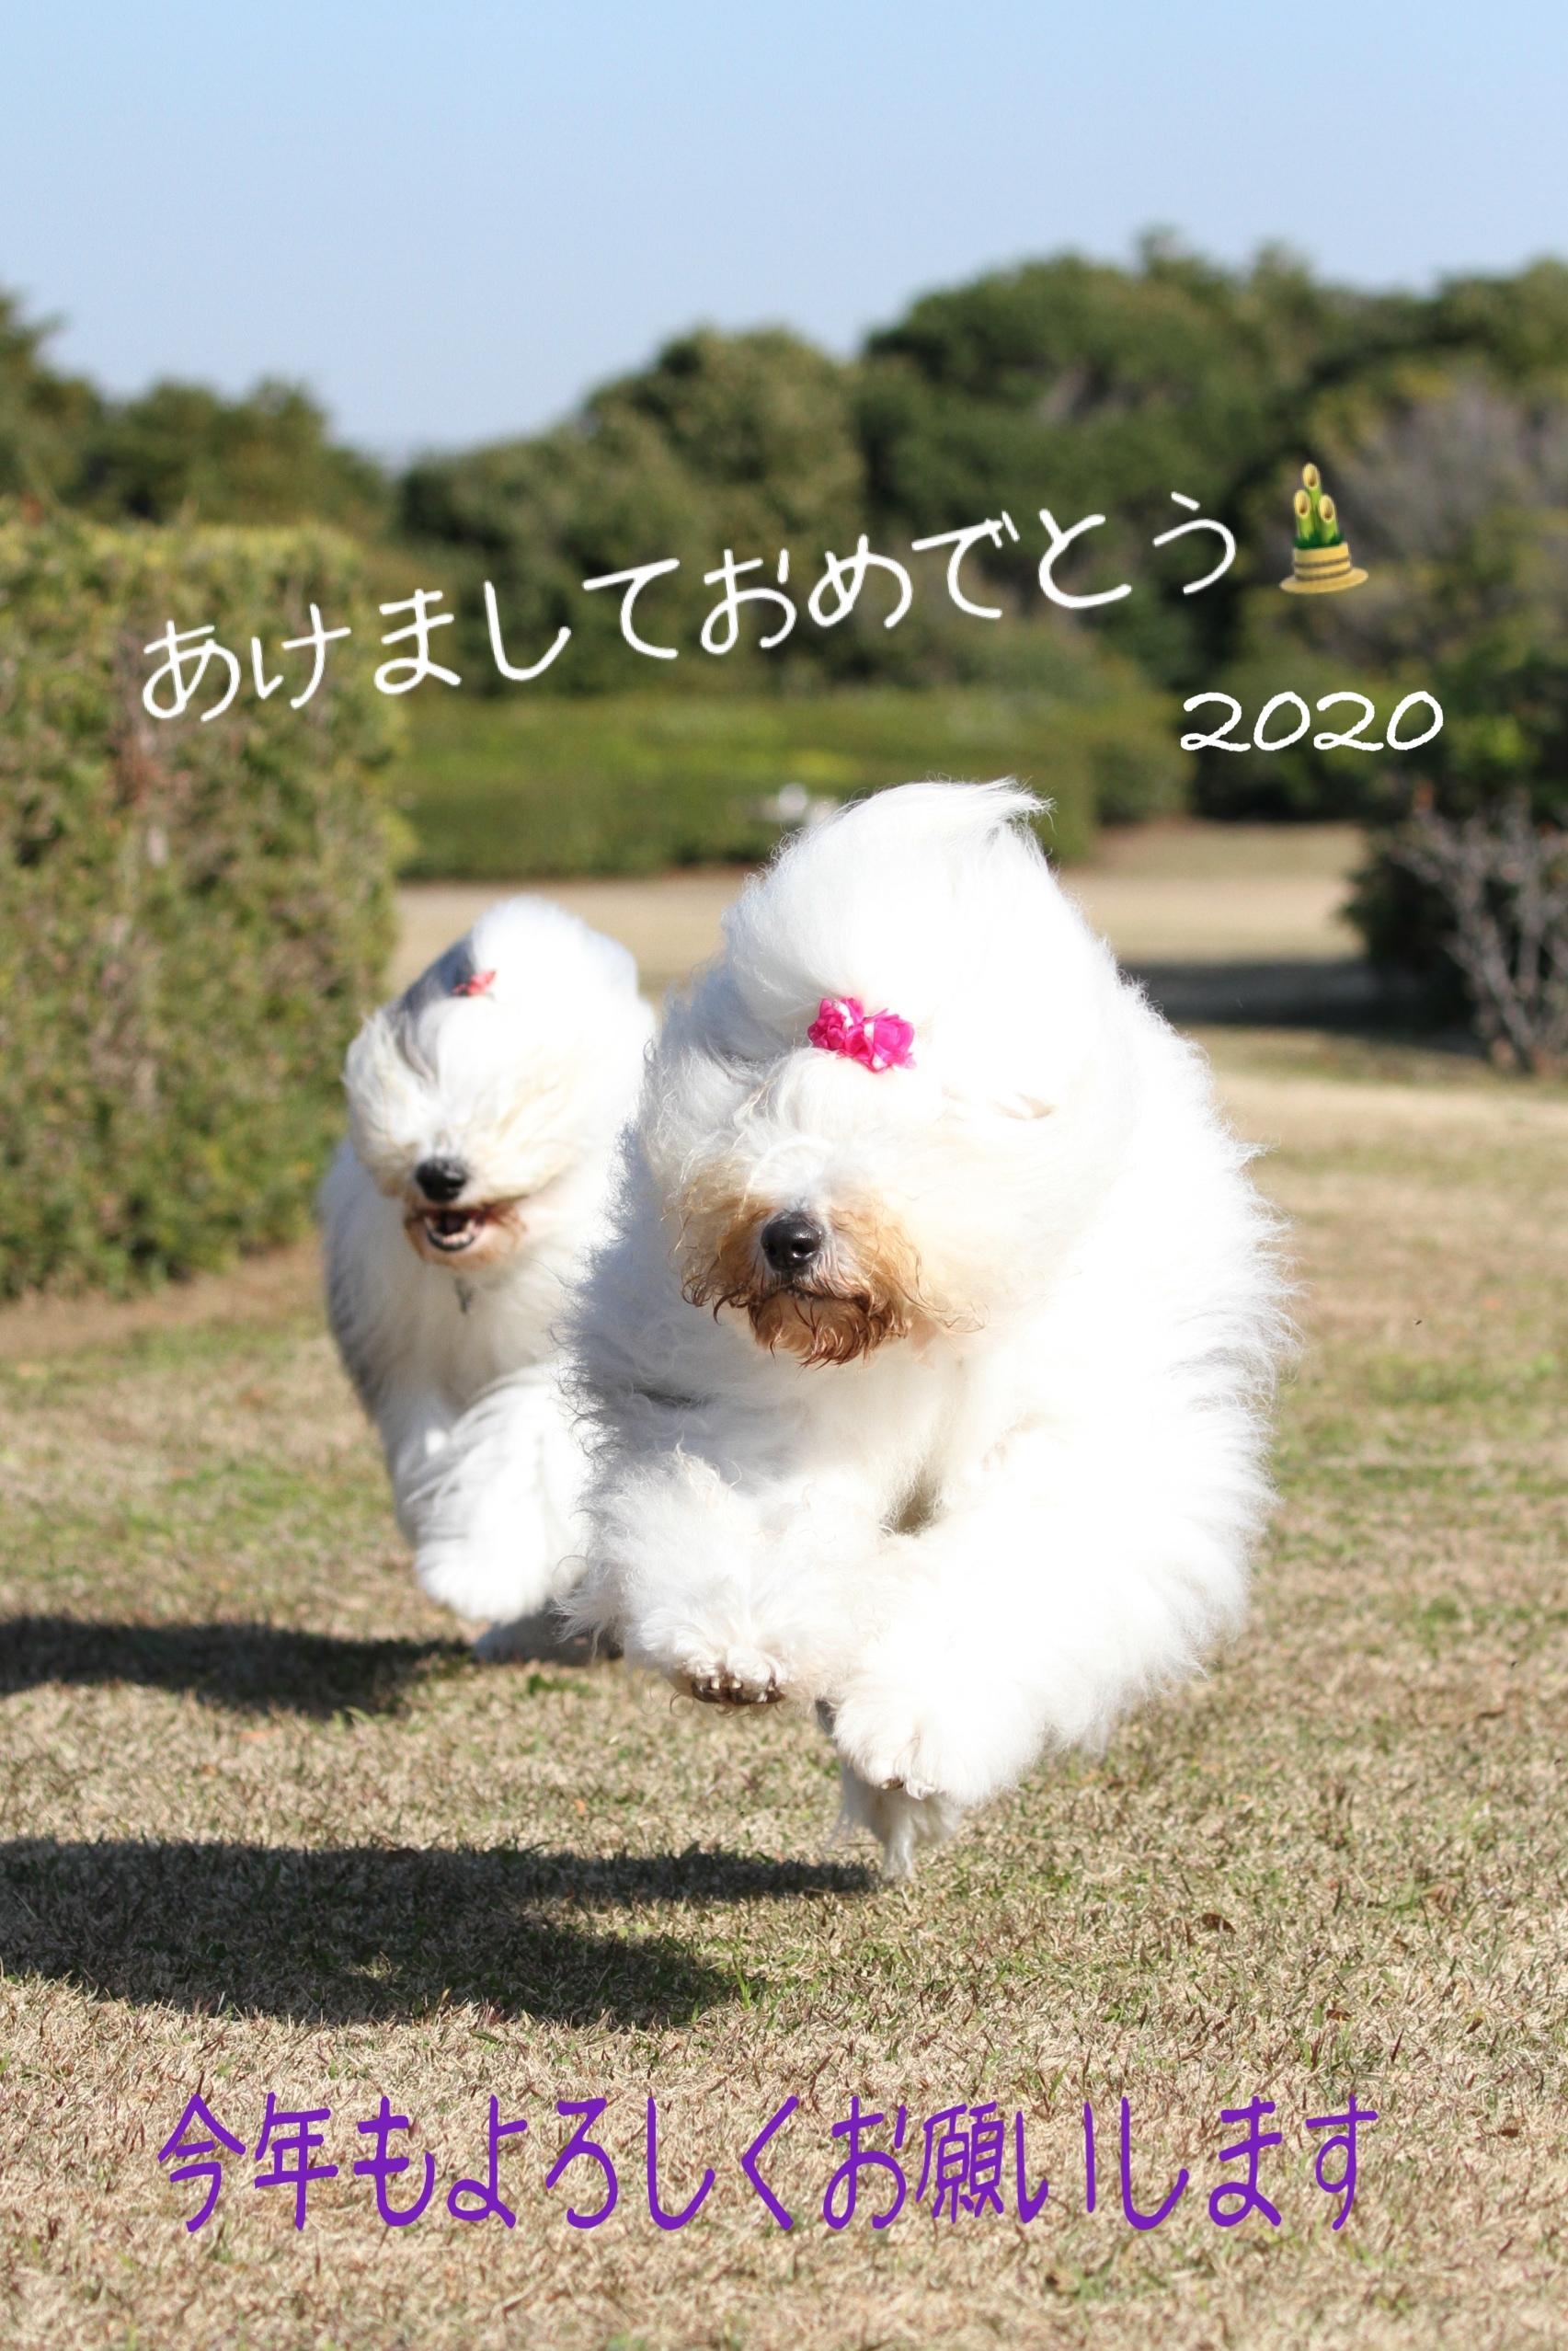 2020010207574303e.jpeg